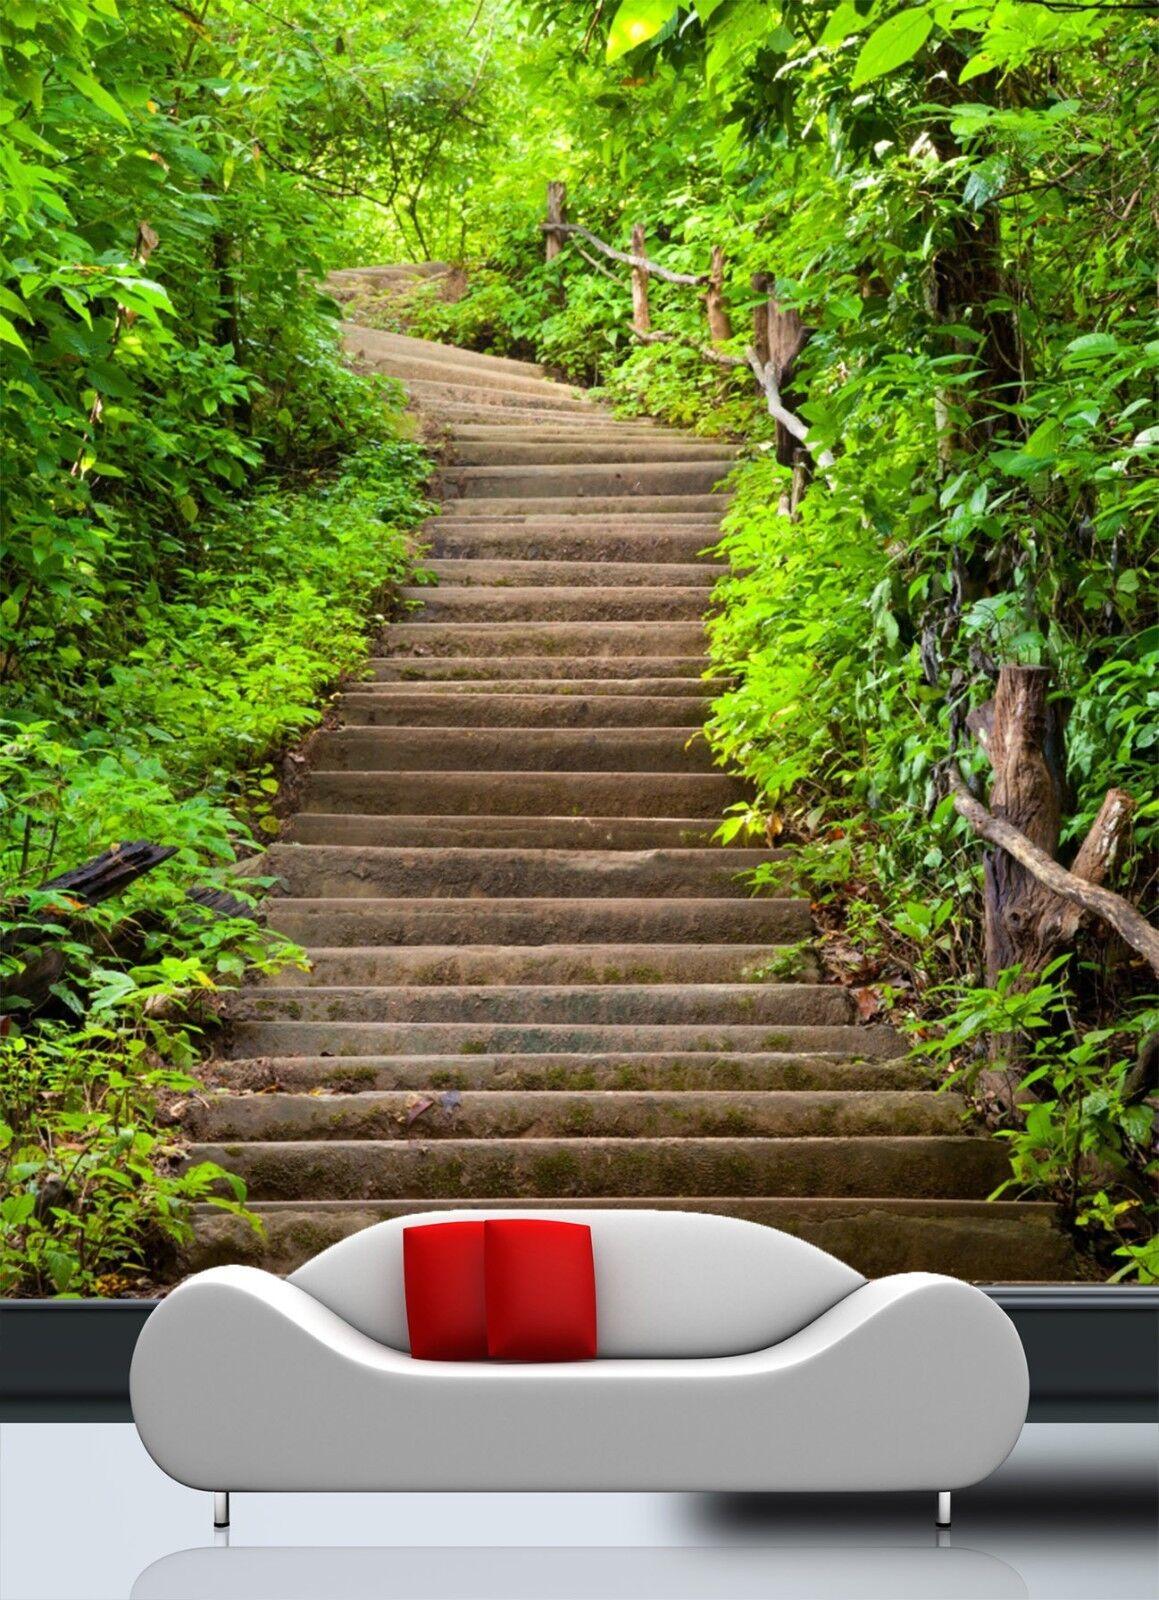 3D Forest Bridge 3 Door Wall Mural Photo Wall Sticker Decal Wall AJ WALLPAPER UK